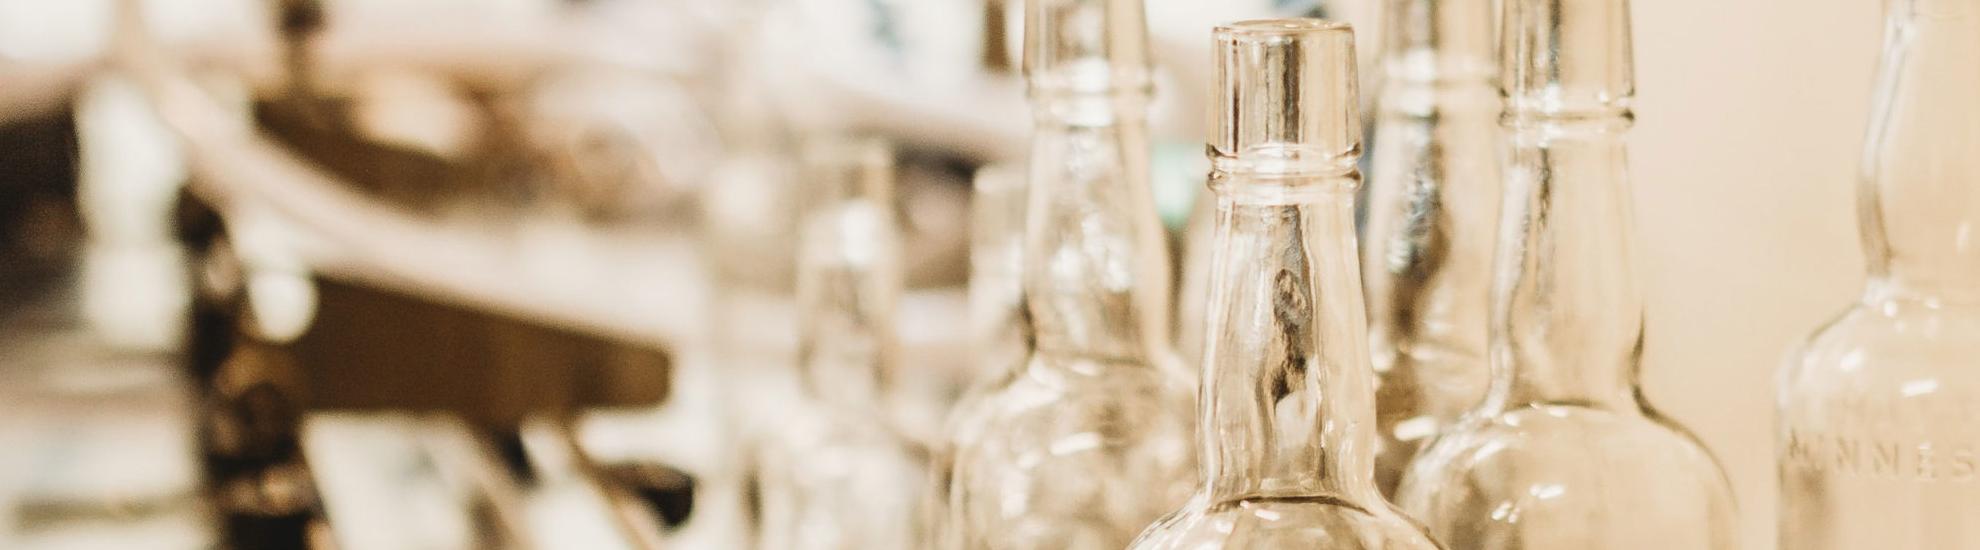 Étiquetage du verre avec Gernep